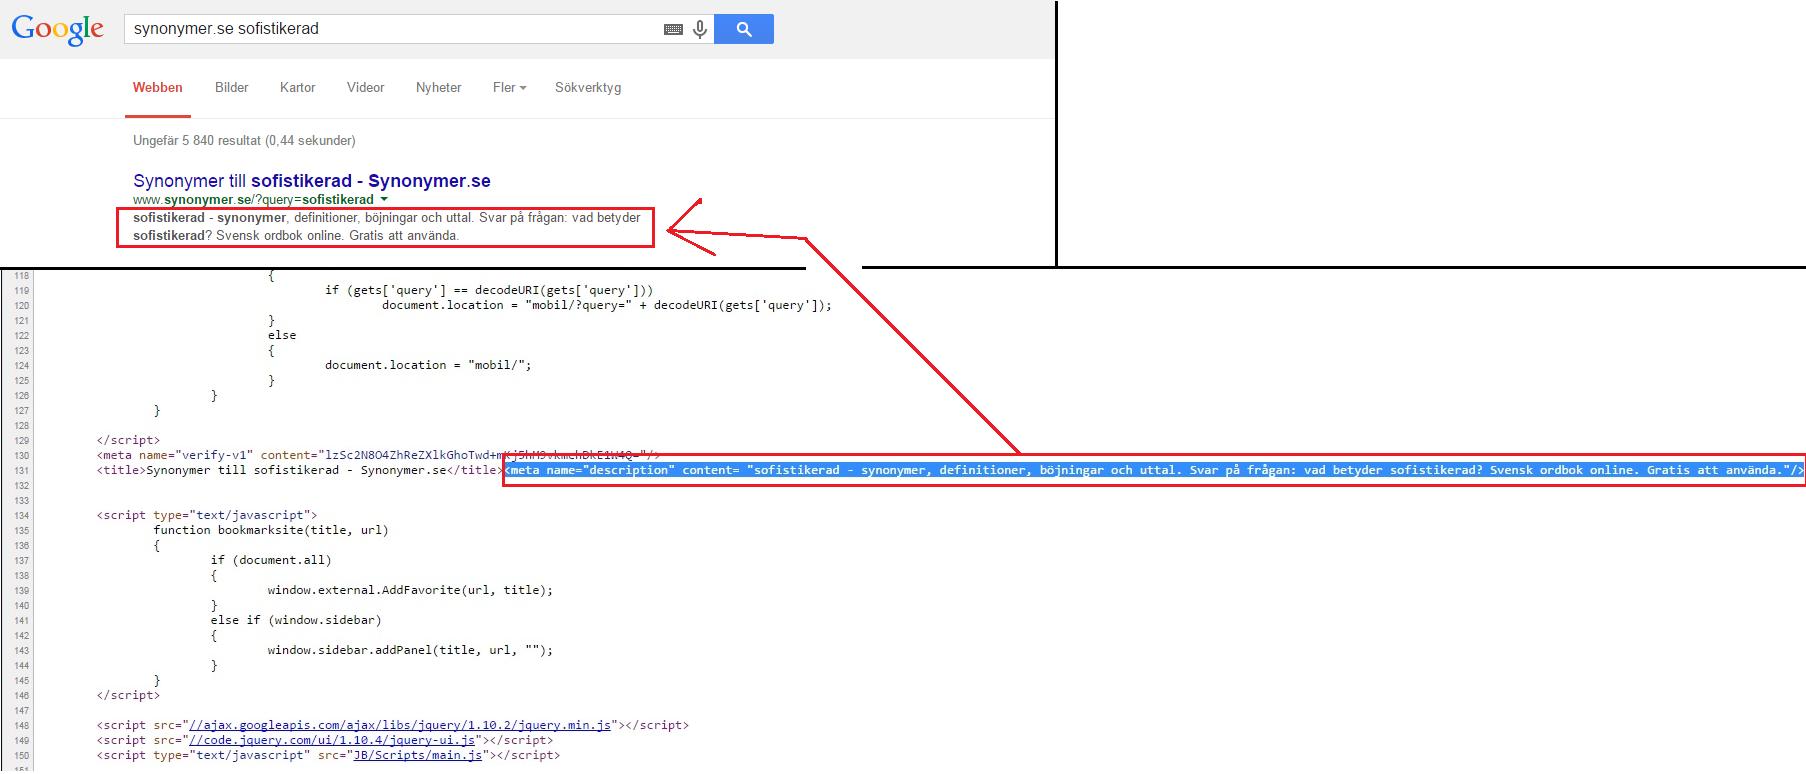 Meta-description visad både i kod såväl som resultat i sökmotor